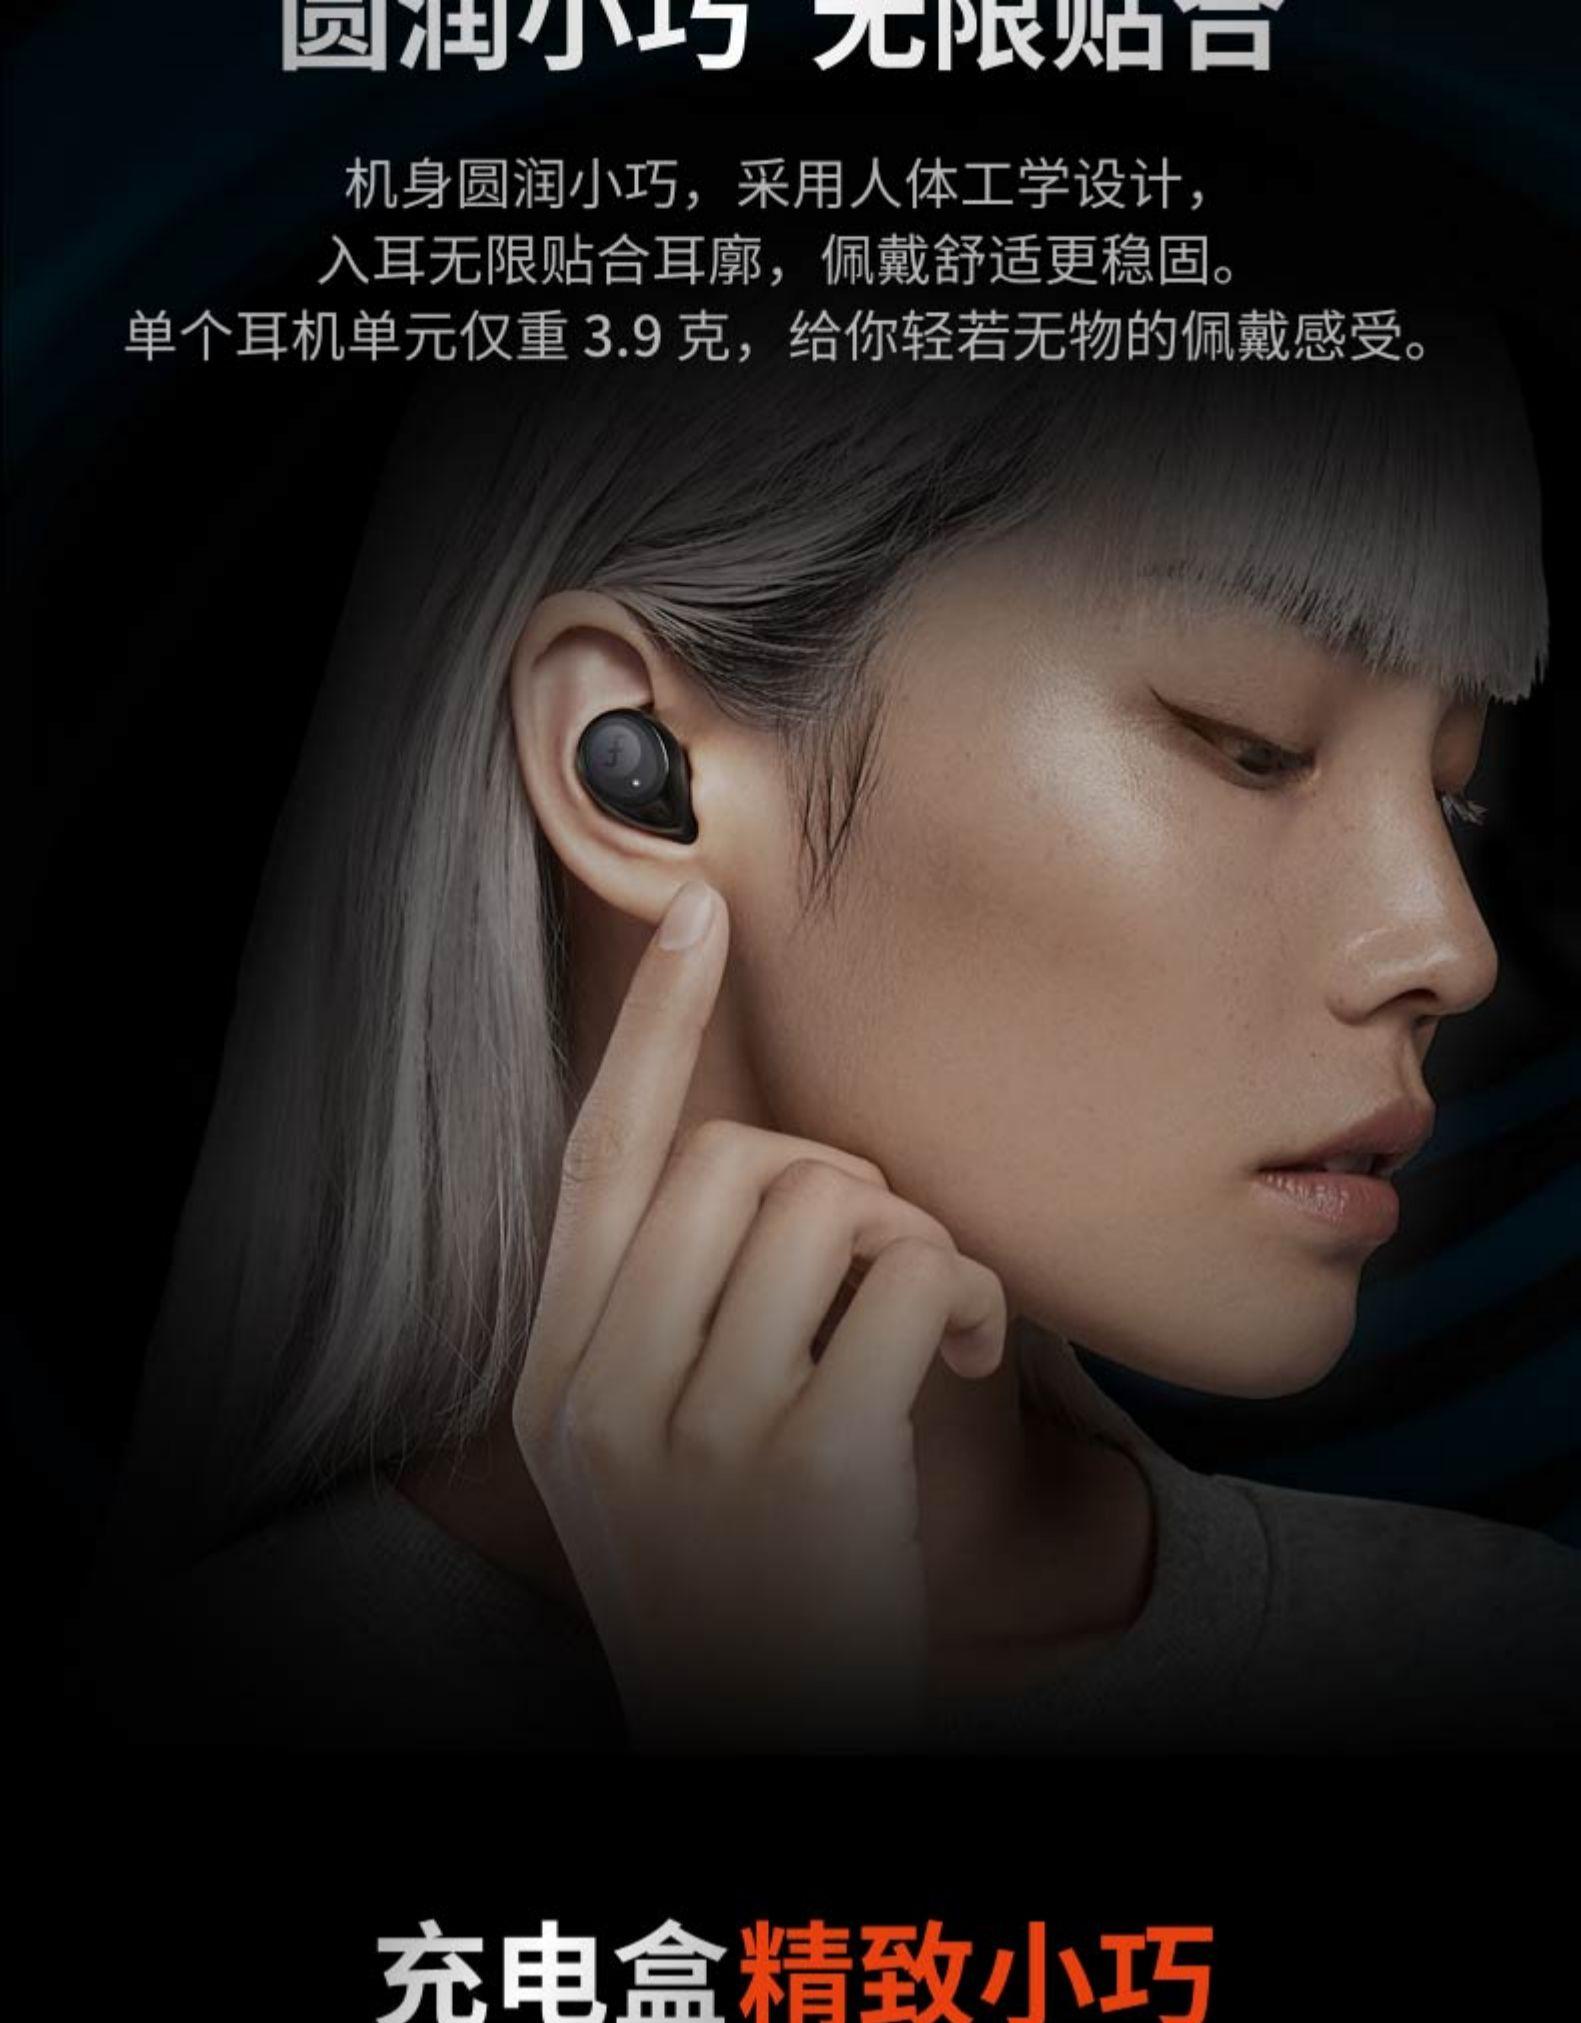 圆小七限贴白机身圆润小巧,采用人体工学设计,入耳无限贴合耳廓,佩戴舒适更稳固。单个耳机单元仅重3.9克,给你轻若无物的佩戴感受。充电盒精致小巧-推好价 | 品质生活 精选好价